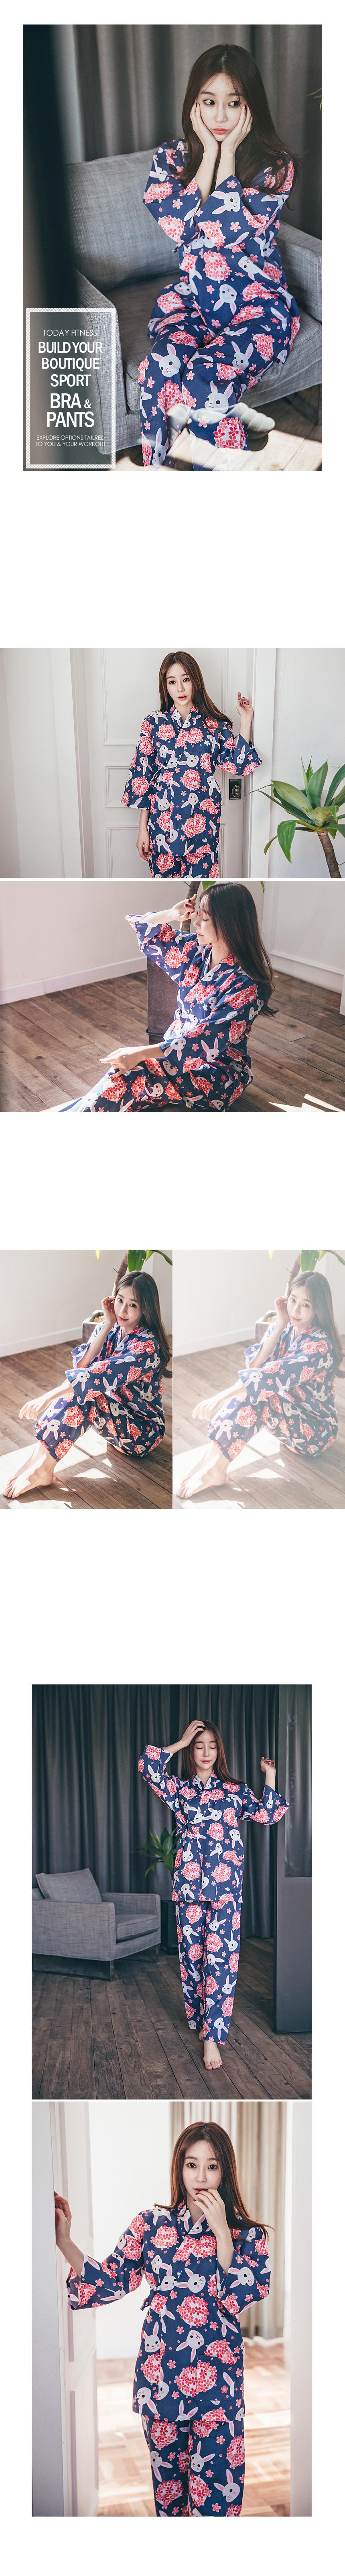 토끼 유카타 잠옷 2SET 기모노 - 로로걸, 23,900원, 잠옷, 여성파자마